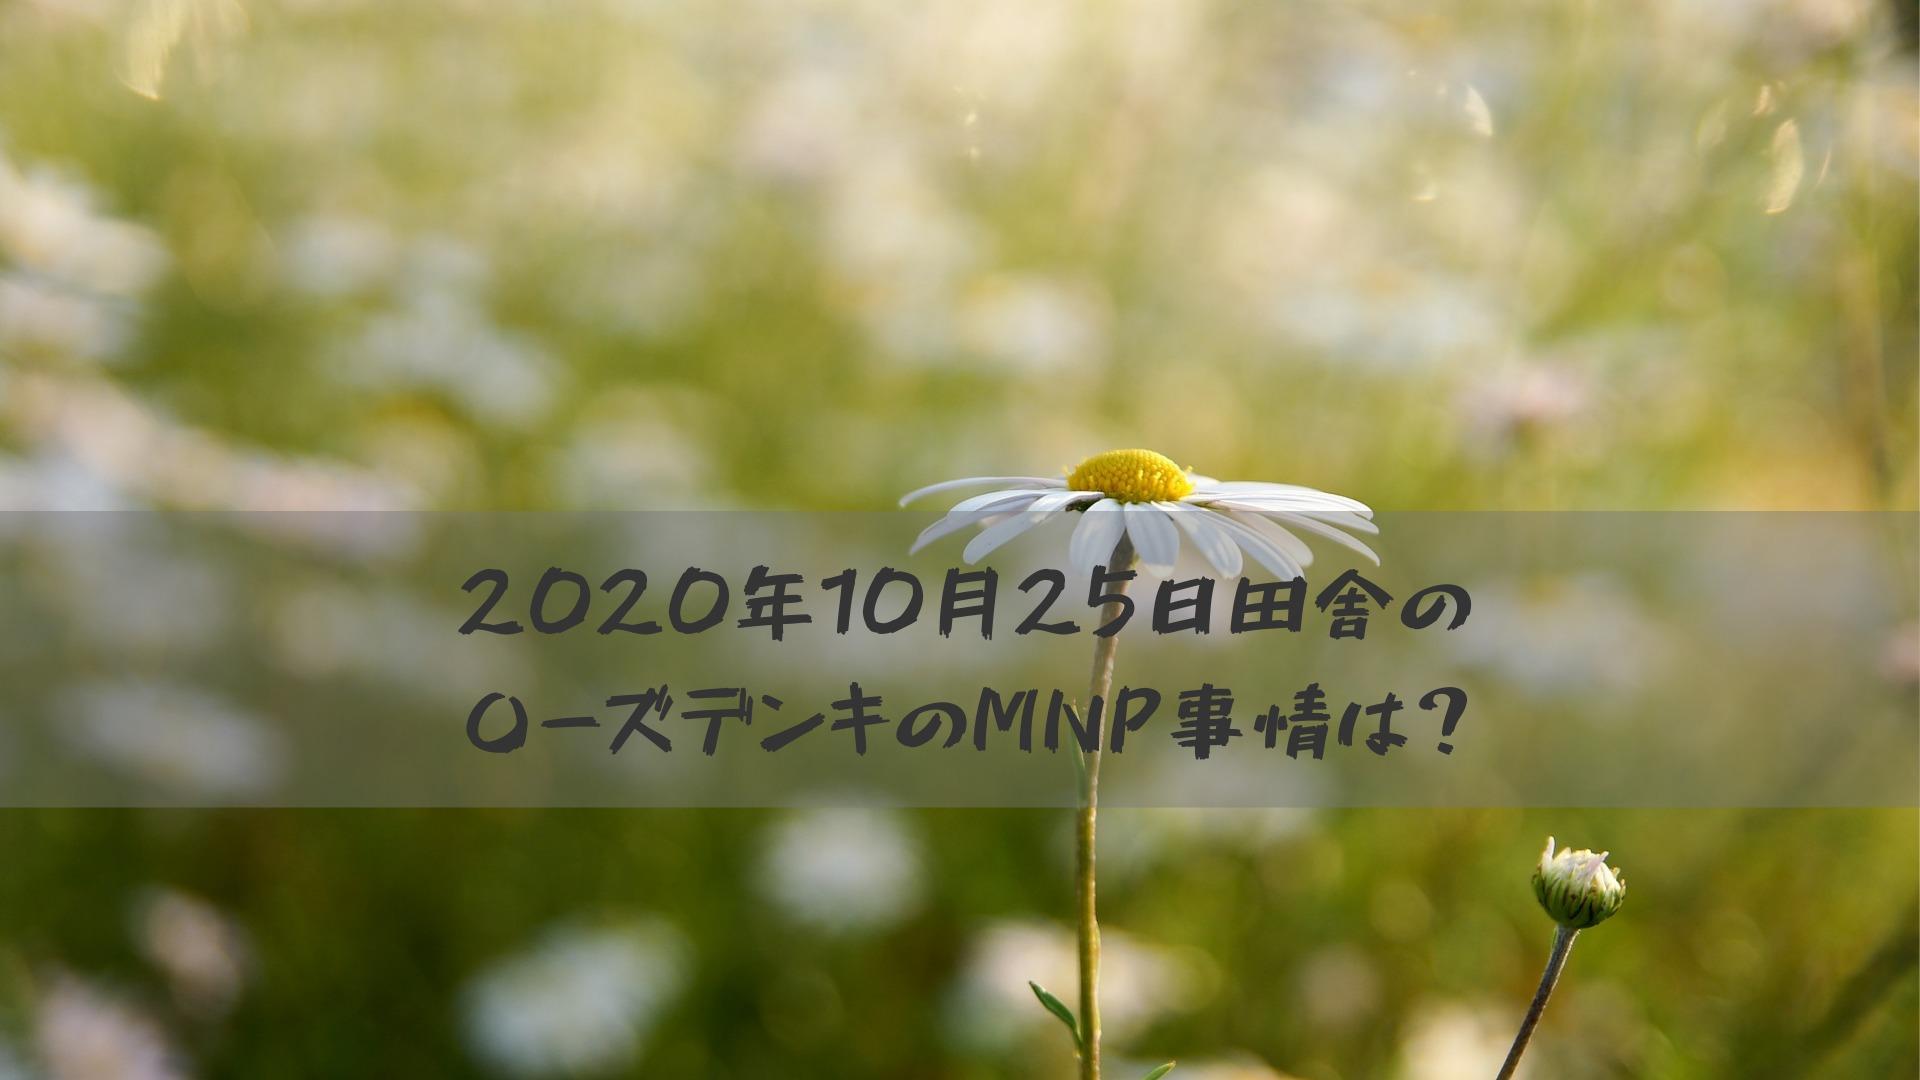 2020年10月25日田舎の〇ーズデンキのMNP事情は?